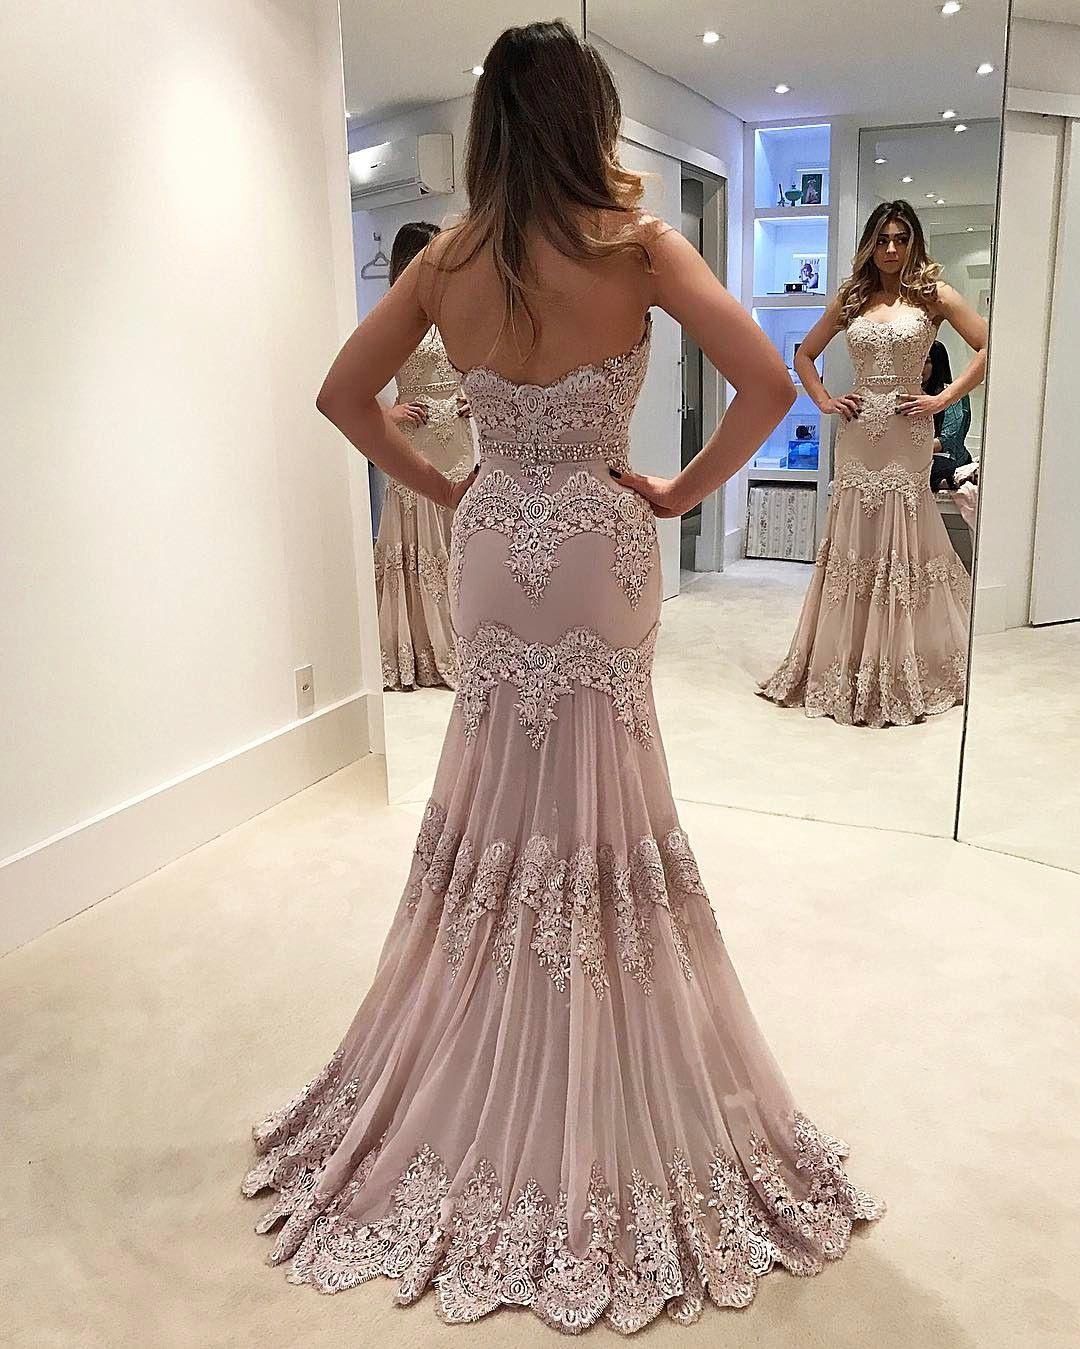 Erstaunlich Schöne Abendkleider Günstig Kaufen GalerieAbend Erstaunlich Schöne Abendkleider Günstig Kaufen Galerie